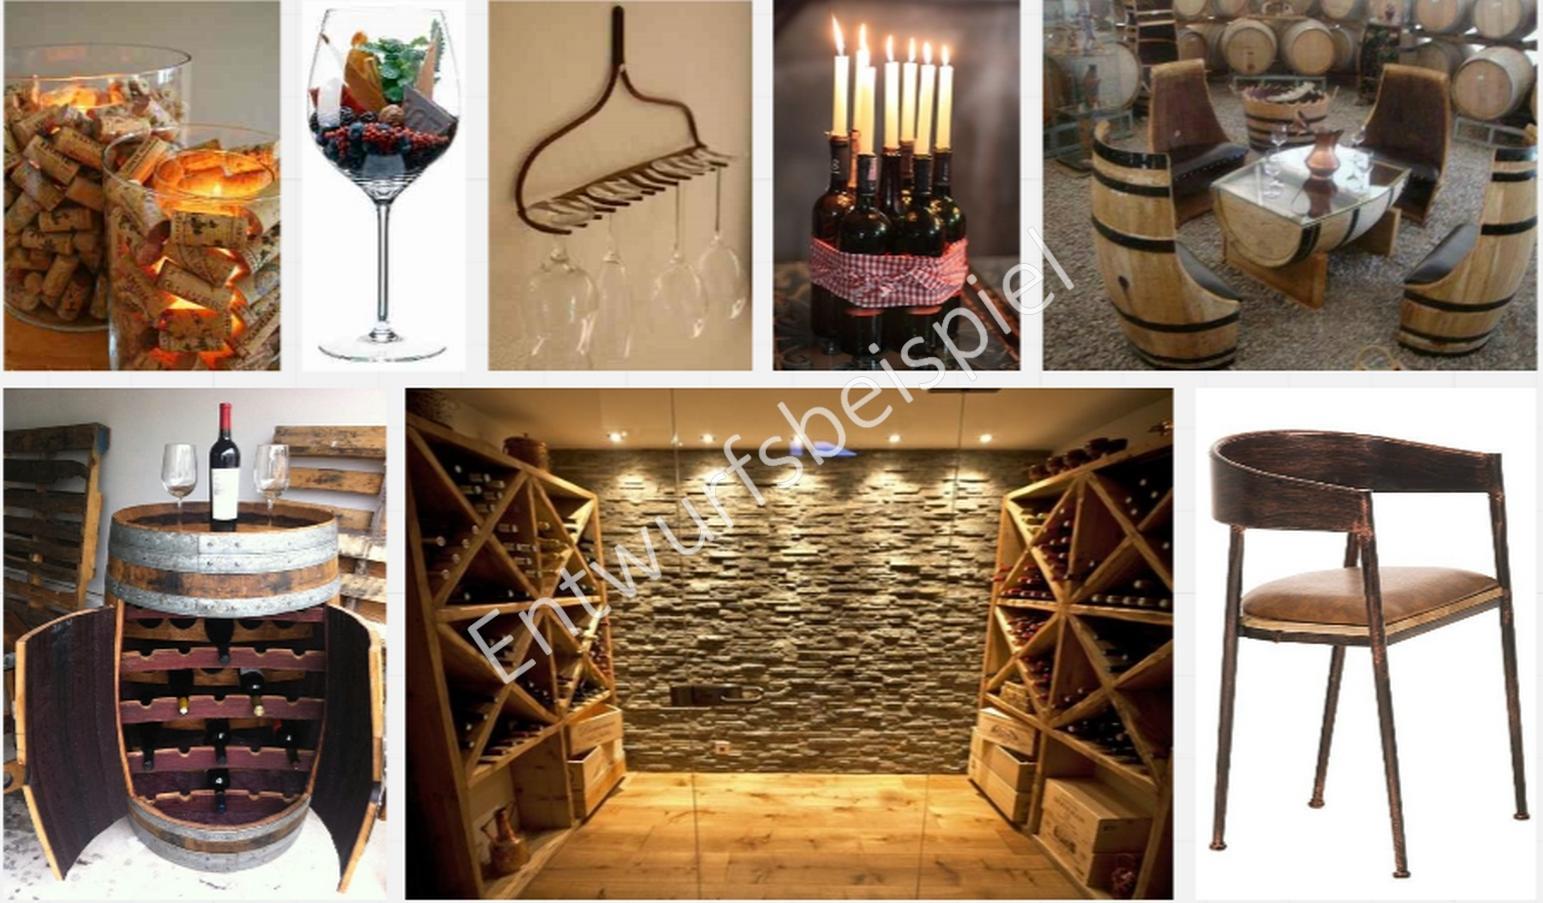 Business Styling Moodboard Für Einen Rustikal Weinkeller #stuhl #dekoidee  #rustikal #moodboard